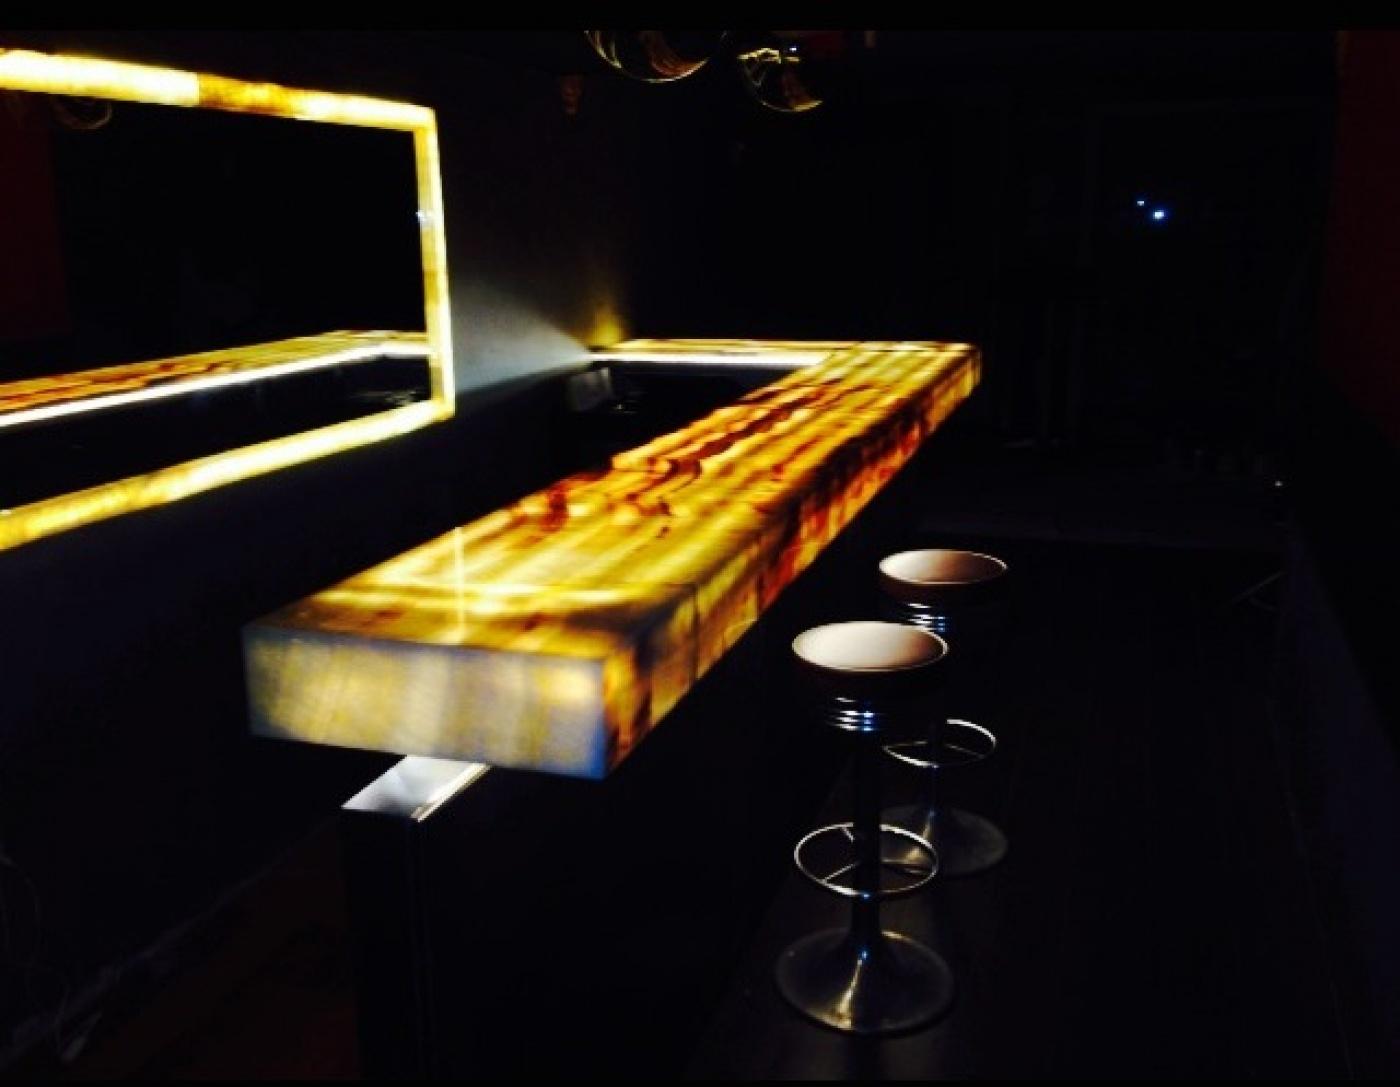 Accessoires, Vasques Onyx Miel backlight Bar, Aix-en-Provence